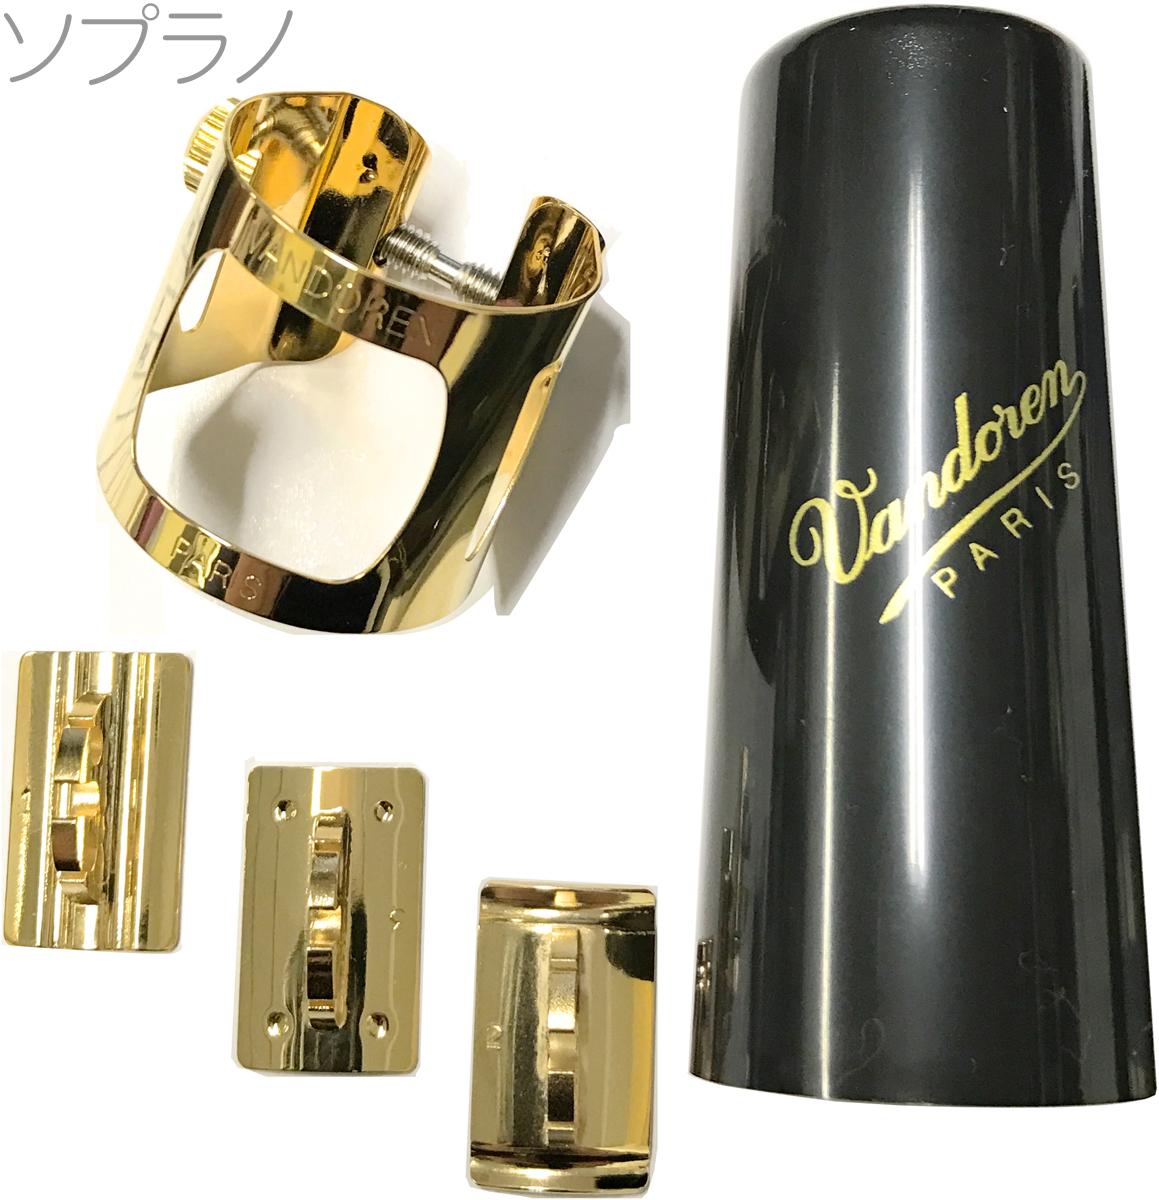 vandoren ( バンドーレン ) LC06P ソプラノサックス ゴールド リガチャー オプティマム GP 正締め ラバーサイズ マウスピース用 OPTIMUM gold Ligature soprano saxophone